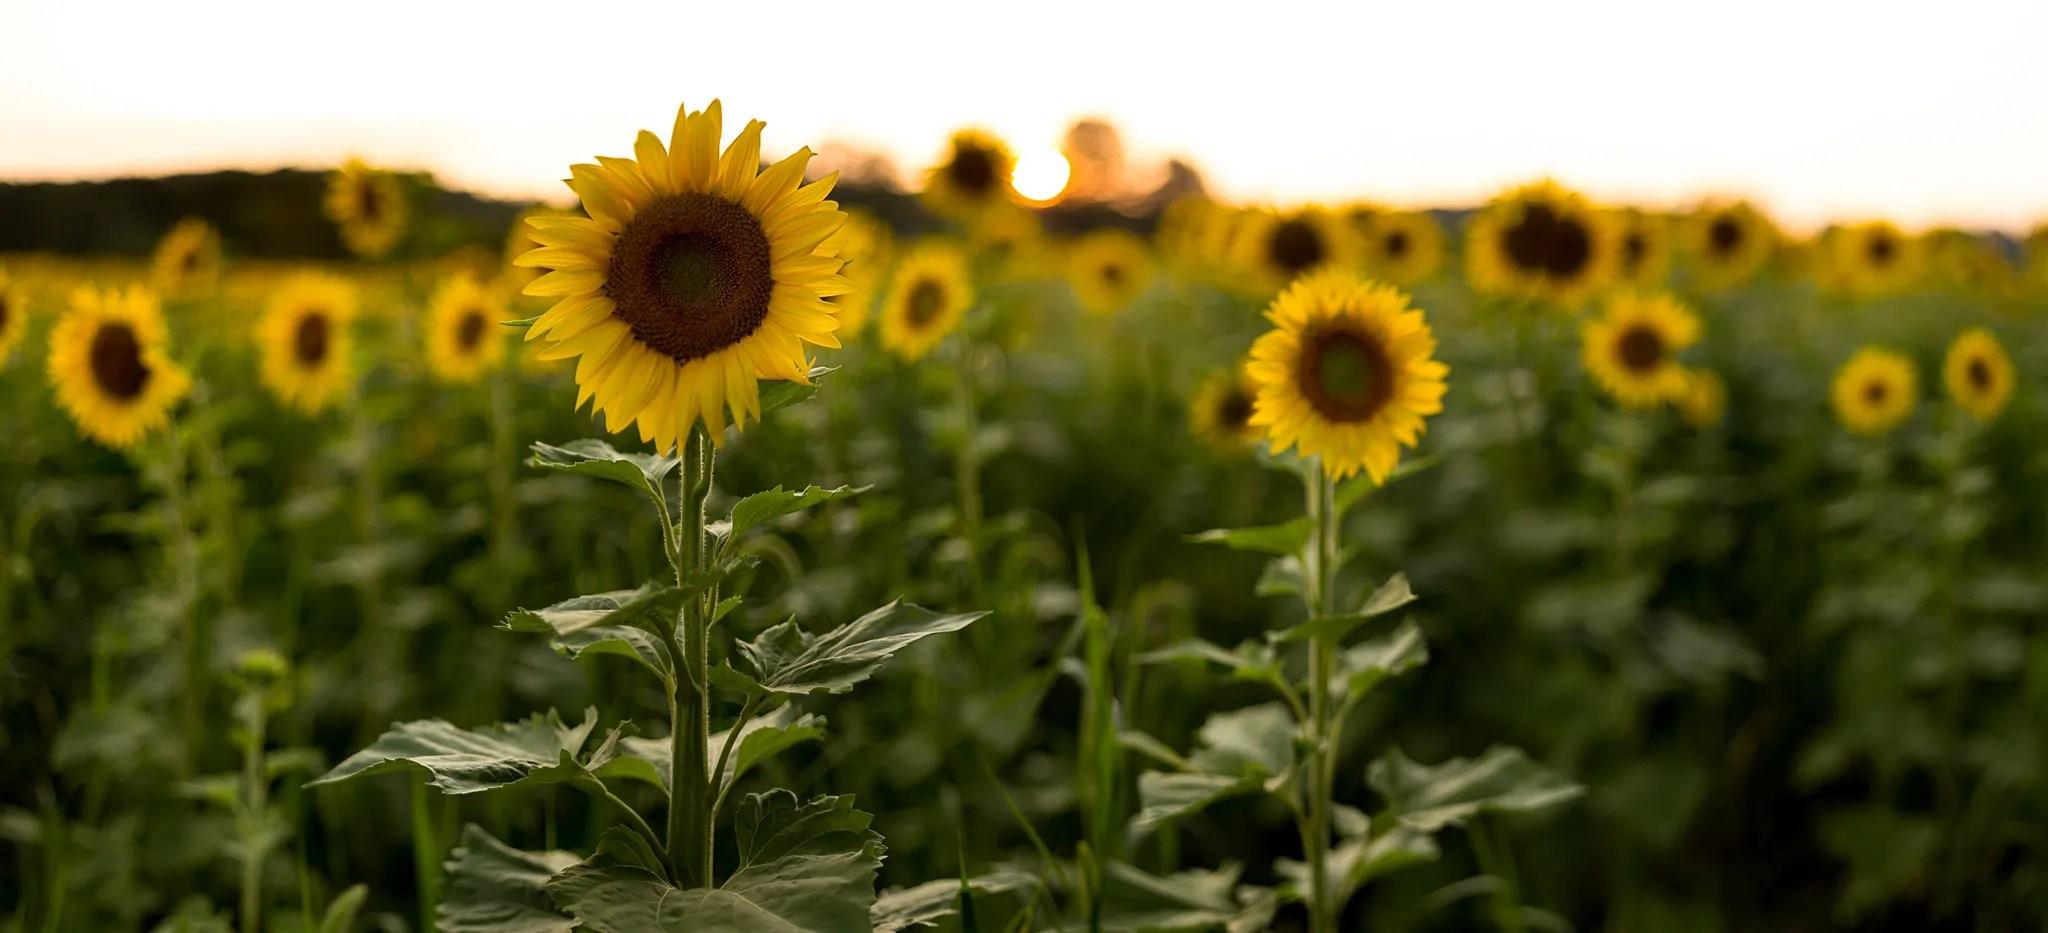 Sussex-sunflowers-2015-17-PSedit-2